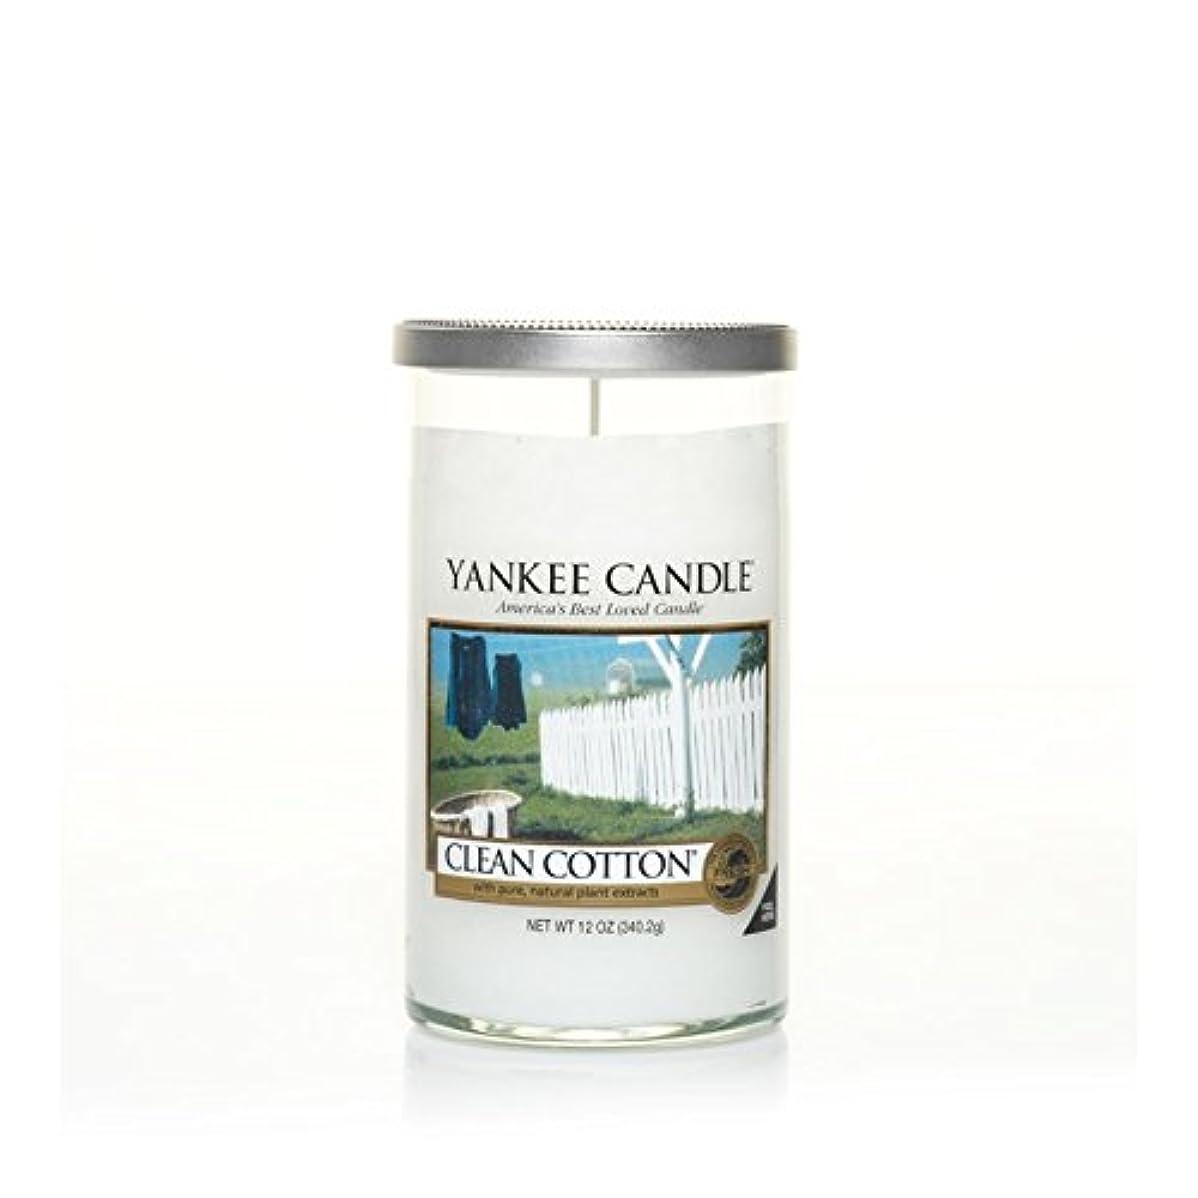 早熟汚れるヤンキーキャンドルメディアピラーキャンドル - きれいな綿 - Yankee Candles Medium Pillar Candle - Clean Cotton (Yankee Candles) [並行輸入品]